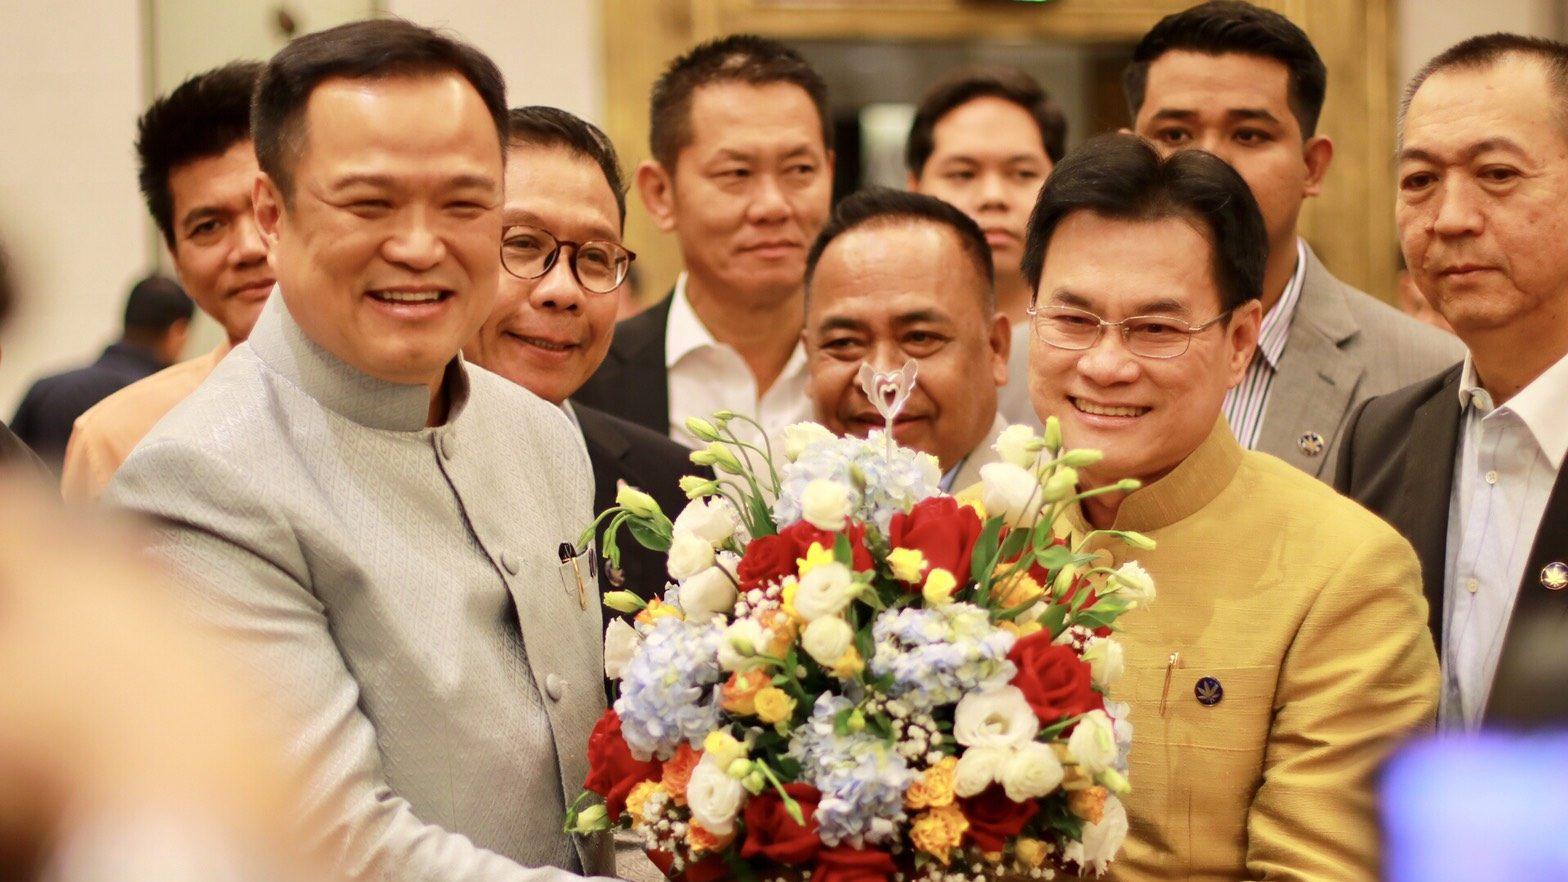 ข่าวสดวันนี้ น้ำท่วมอีสาน น้ำท่วมอุบล พรรคประชาธิปัตย์ พรรคภูมิใจไทย